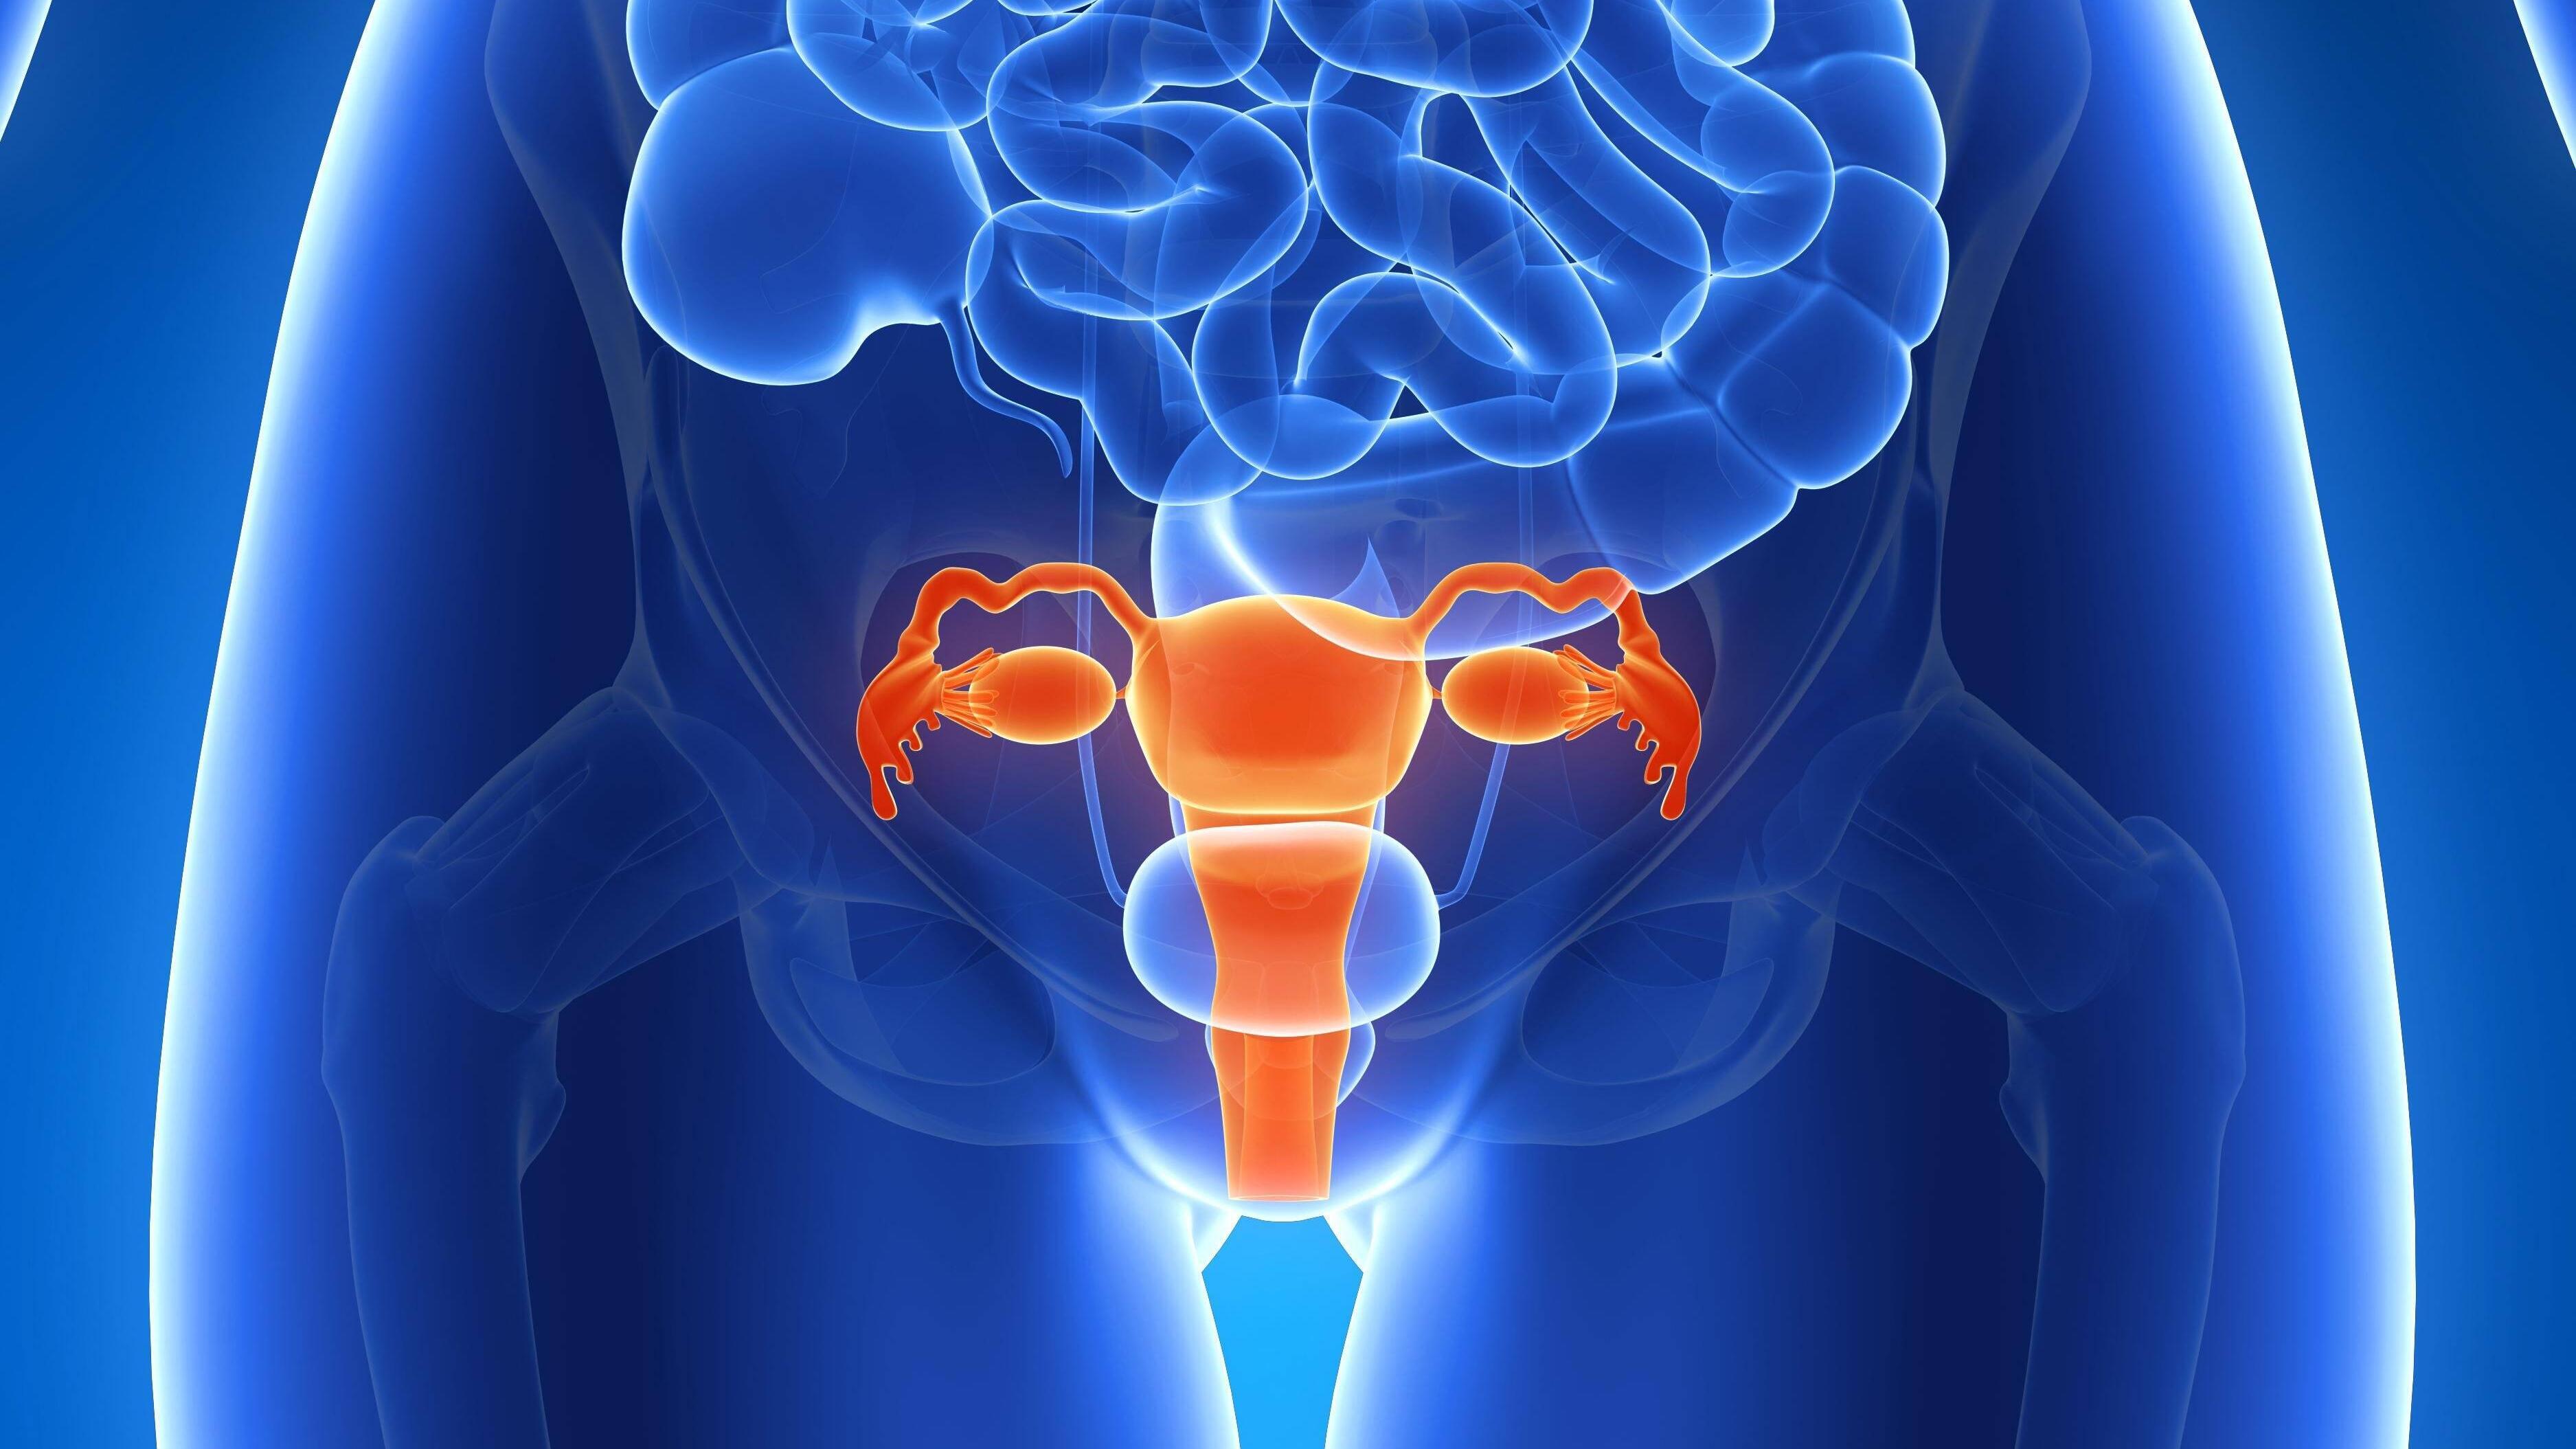 Zyste in der Gebärmutter: Ursachen, Symptome und Behandlungsmethoden